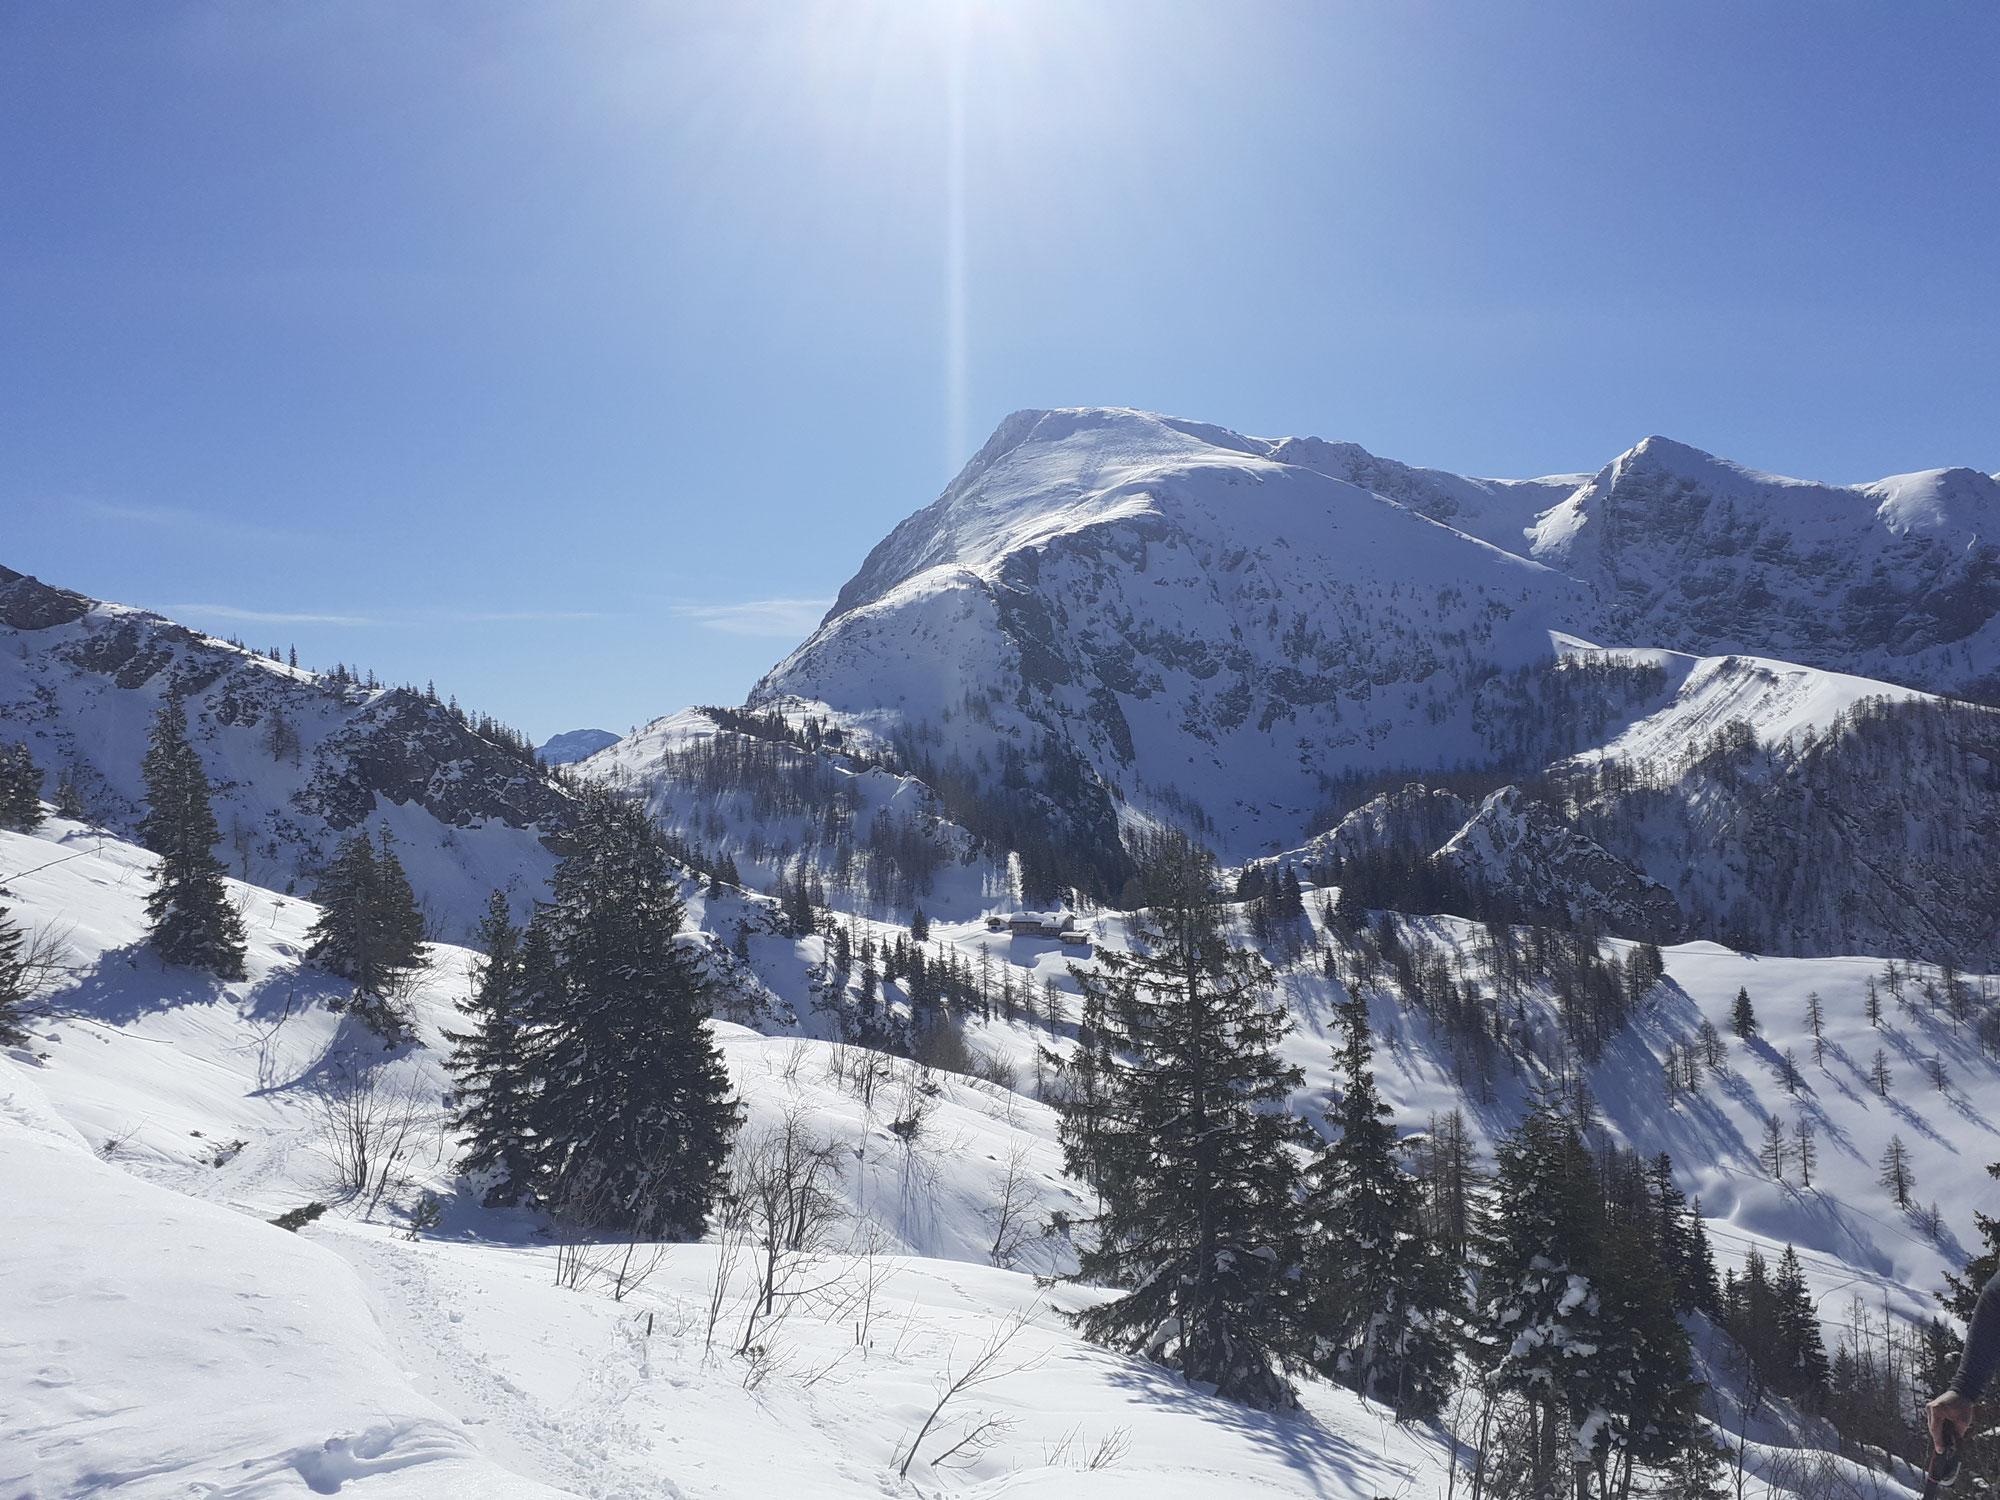 Klassische kleine Berchtesgadener Reibn